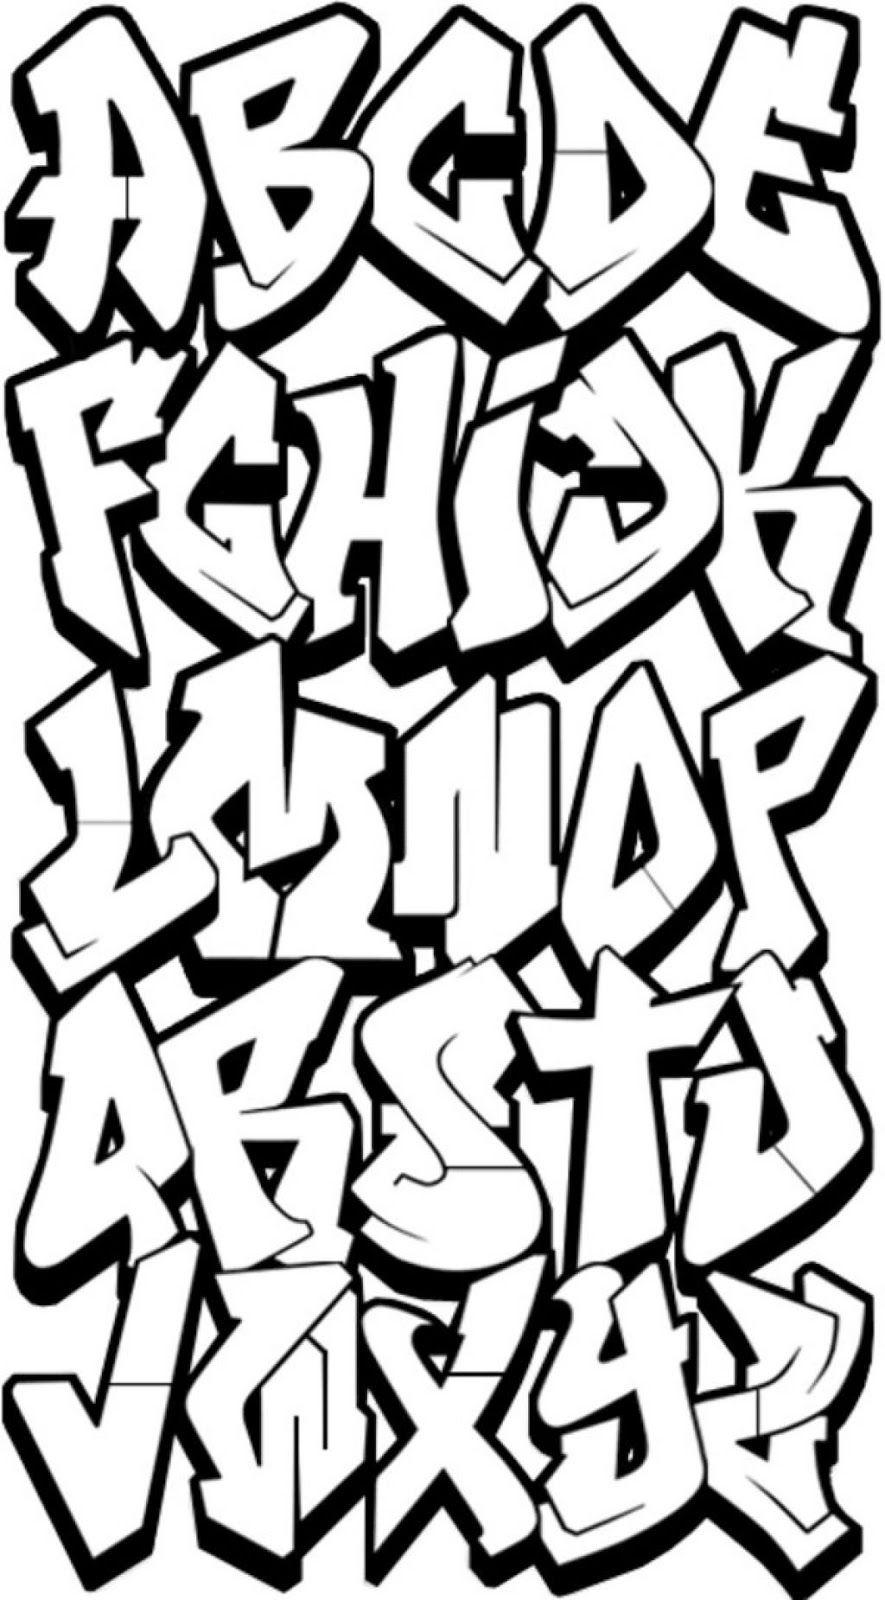 How To Make A Grafitti Buscar Con Google Grafitti Letters Graffiti Wall Art